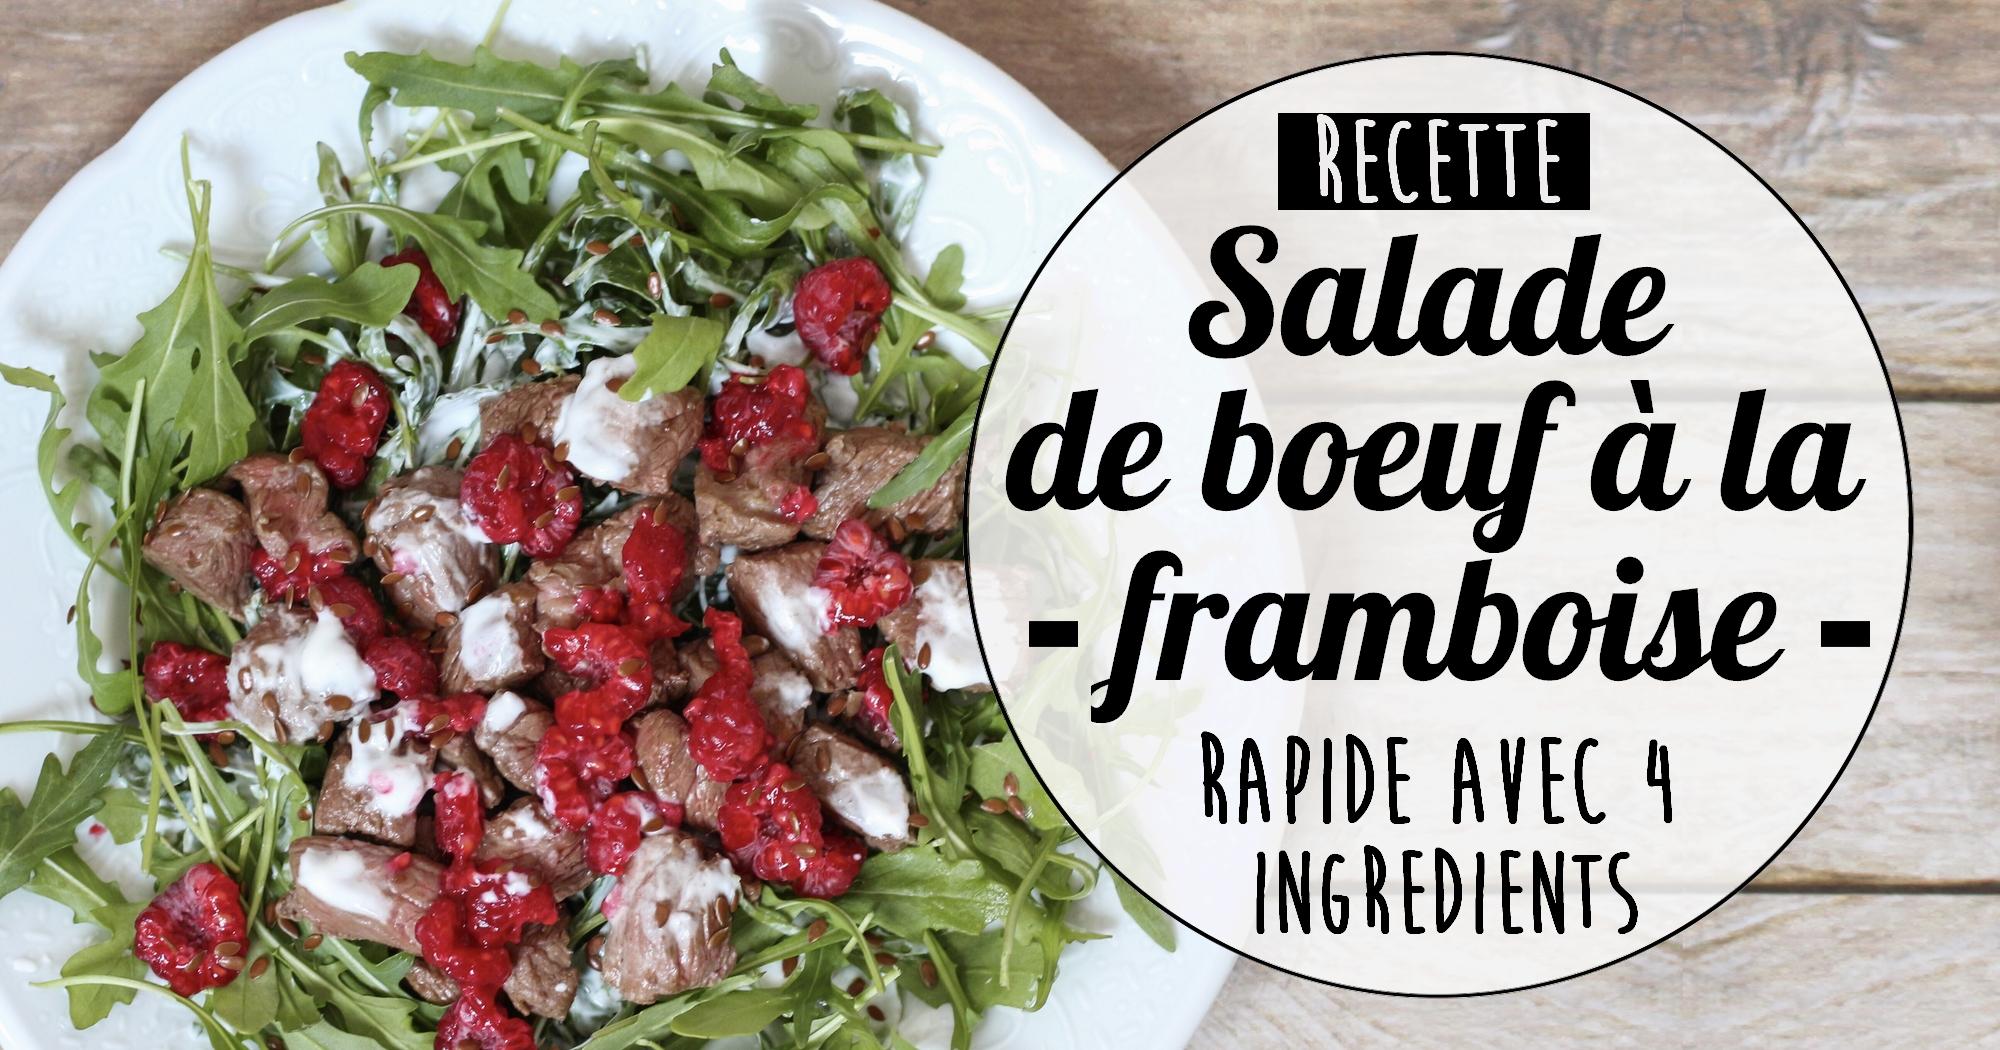 Recette rapide avec 4 ingrédients : la salade de boeuf à la framboise